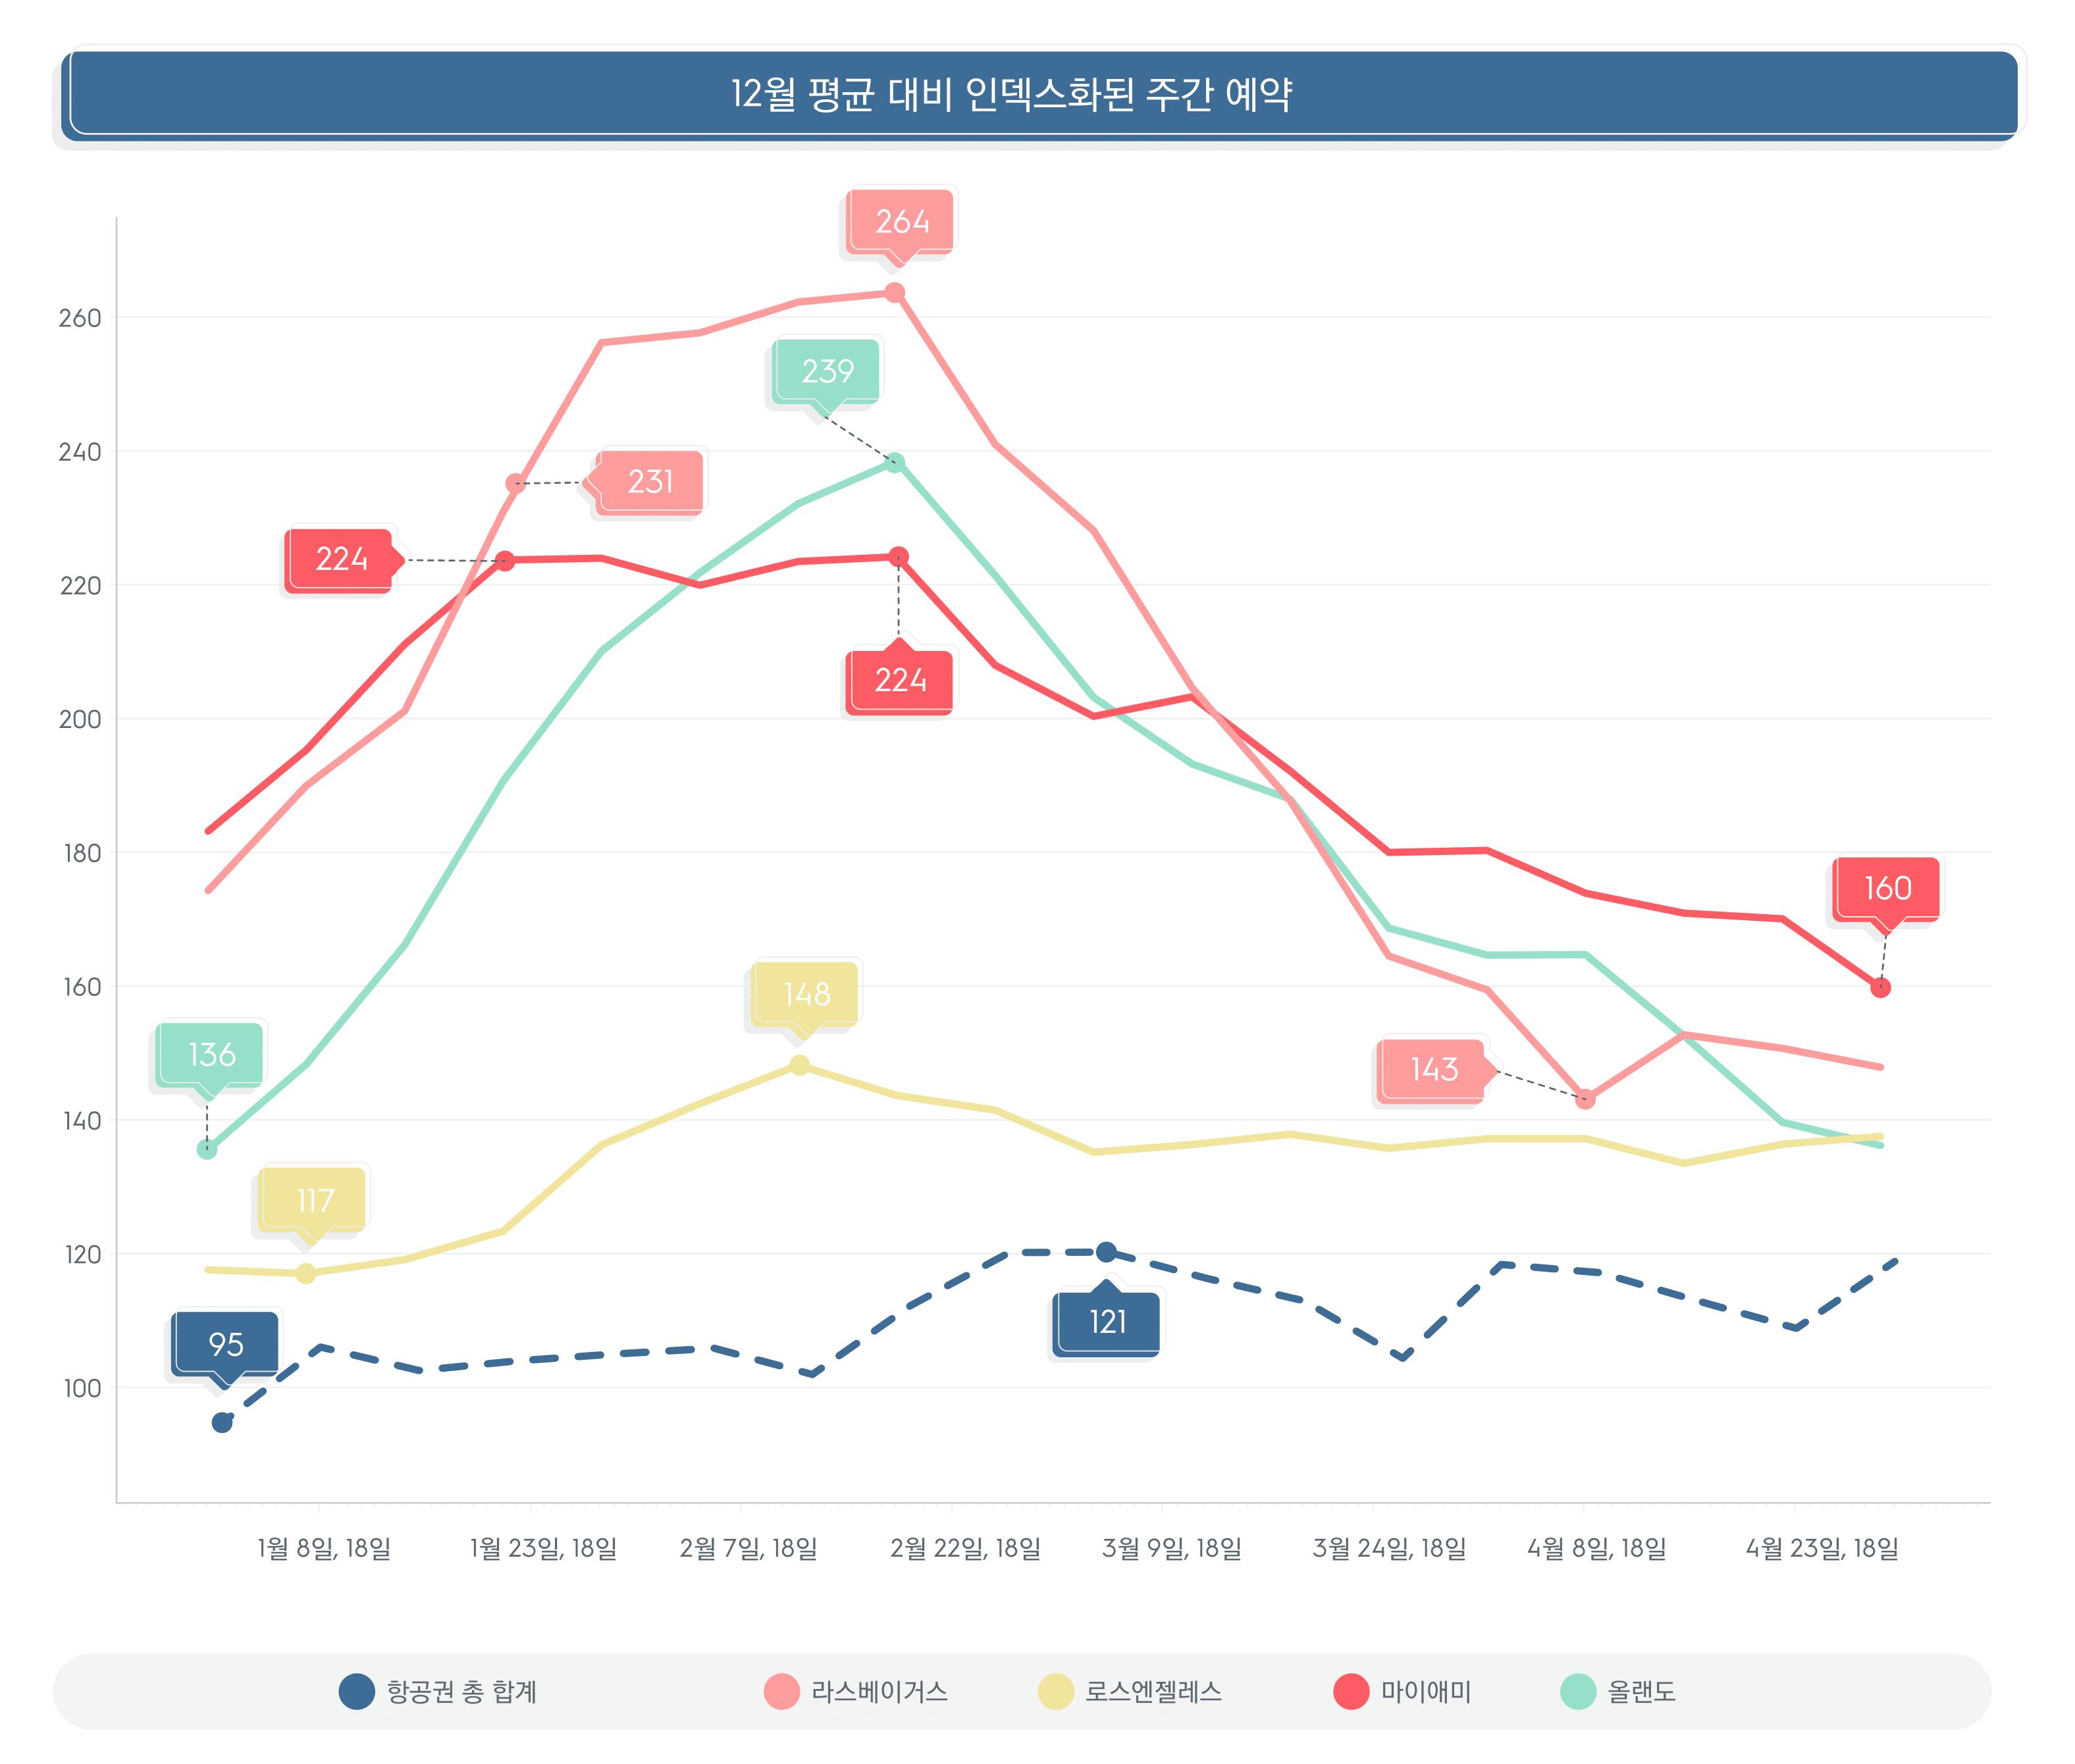 12월 평균 대비 인덱스화된 주간 예약